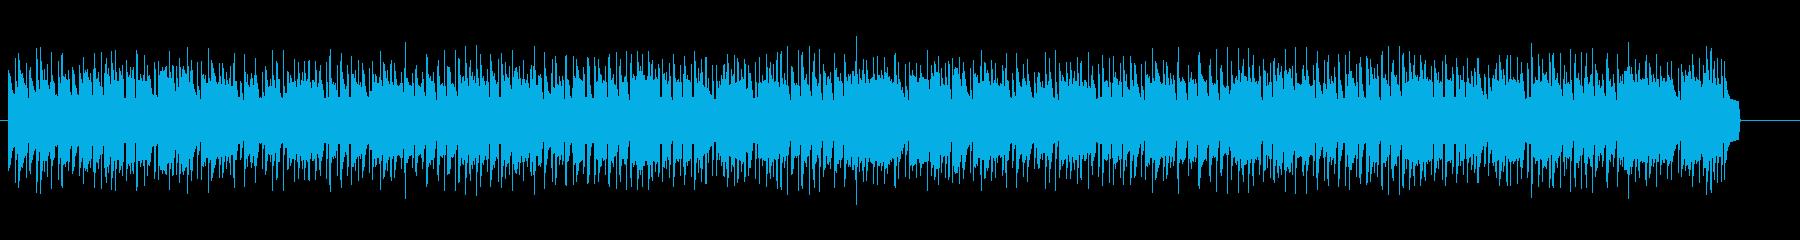 昔のシューティングゲームの1面ですの再生済みの波形